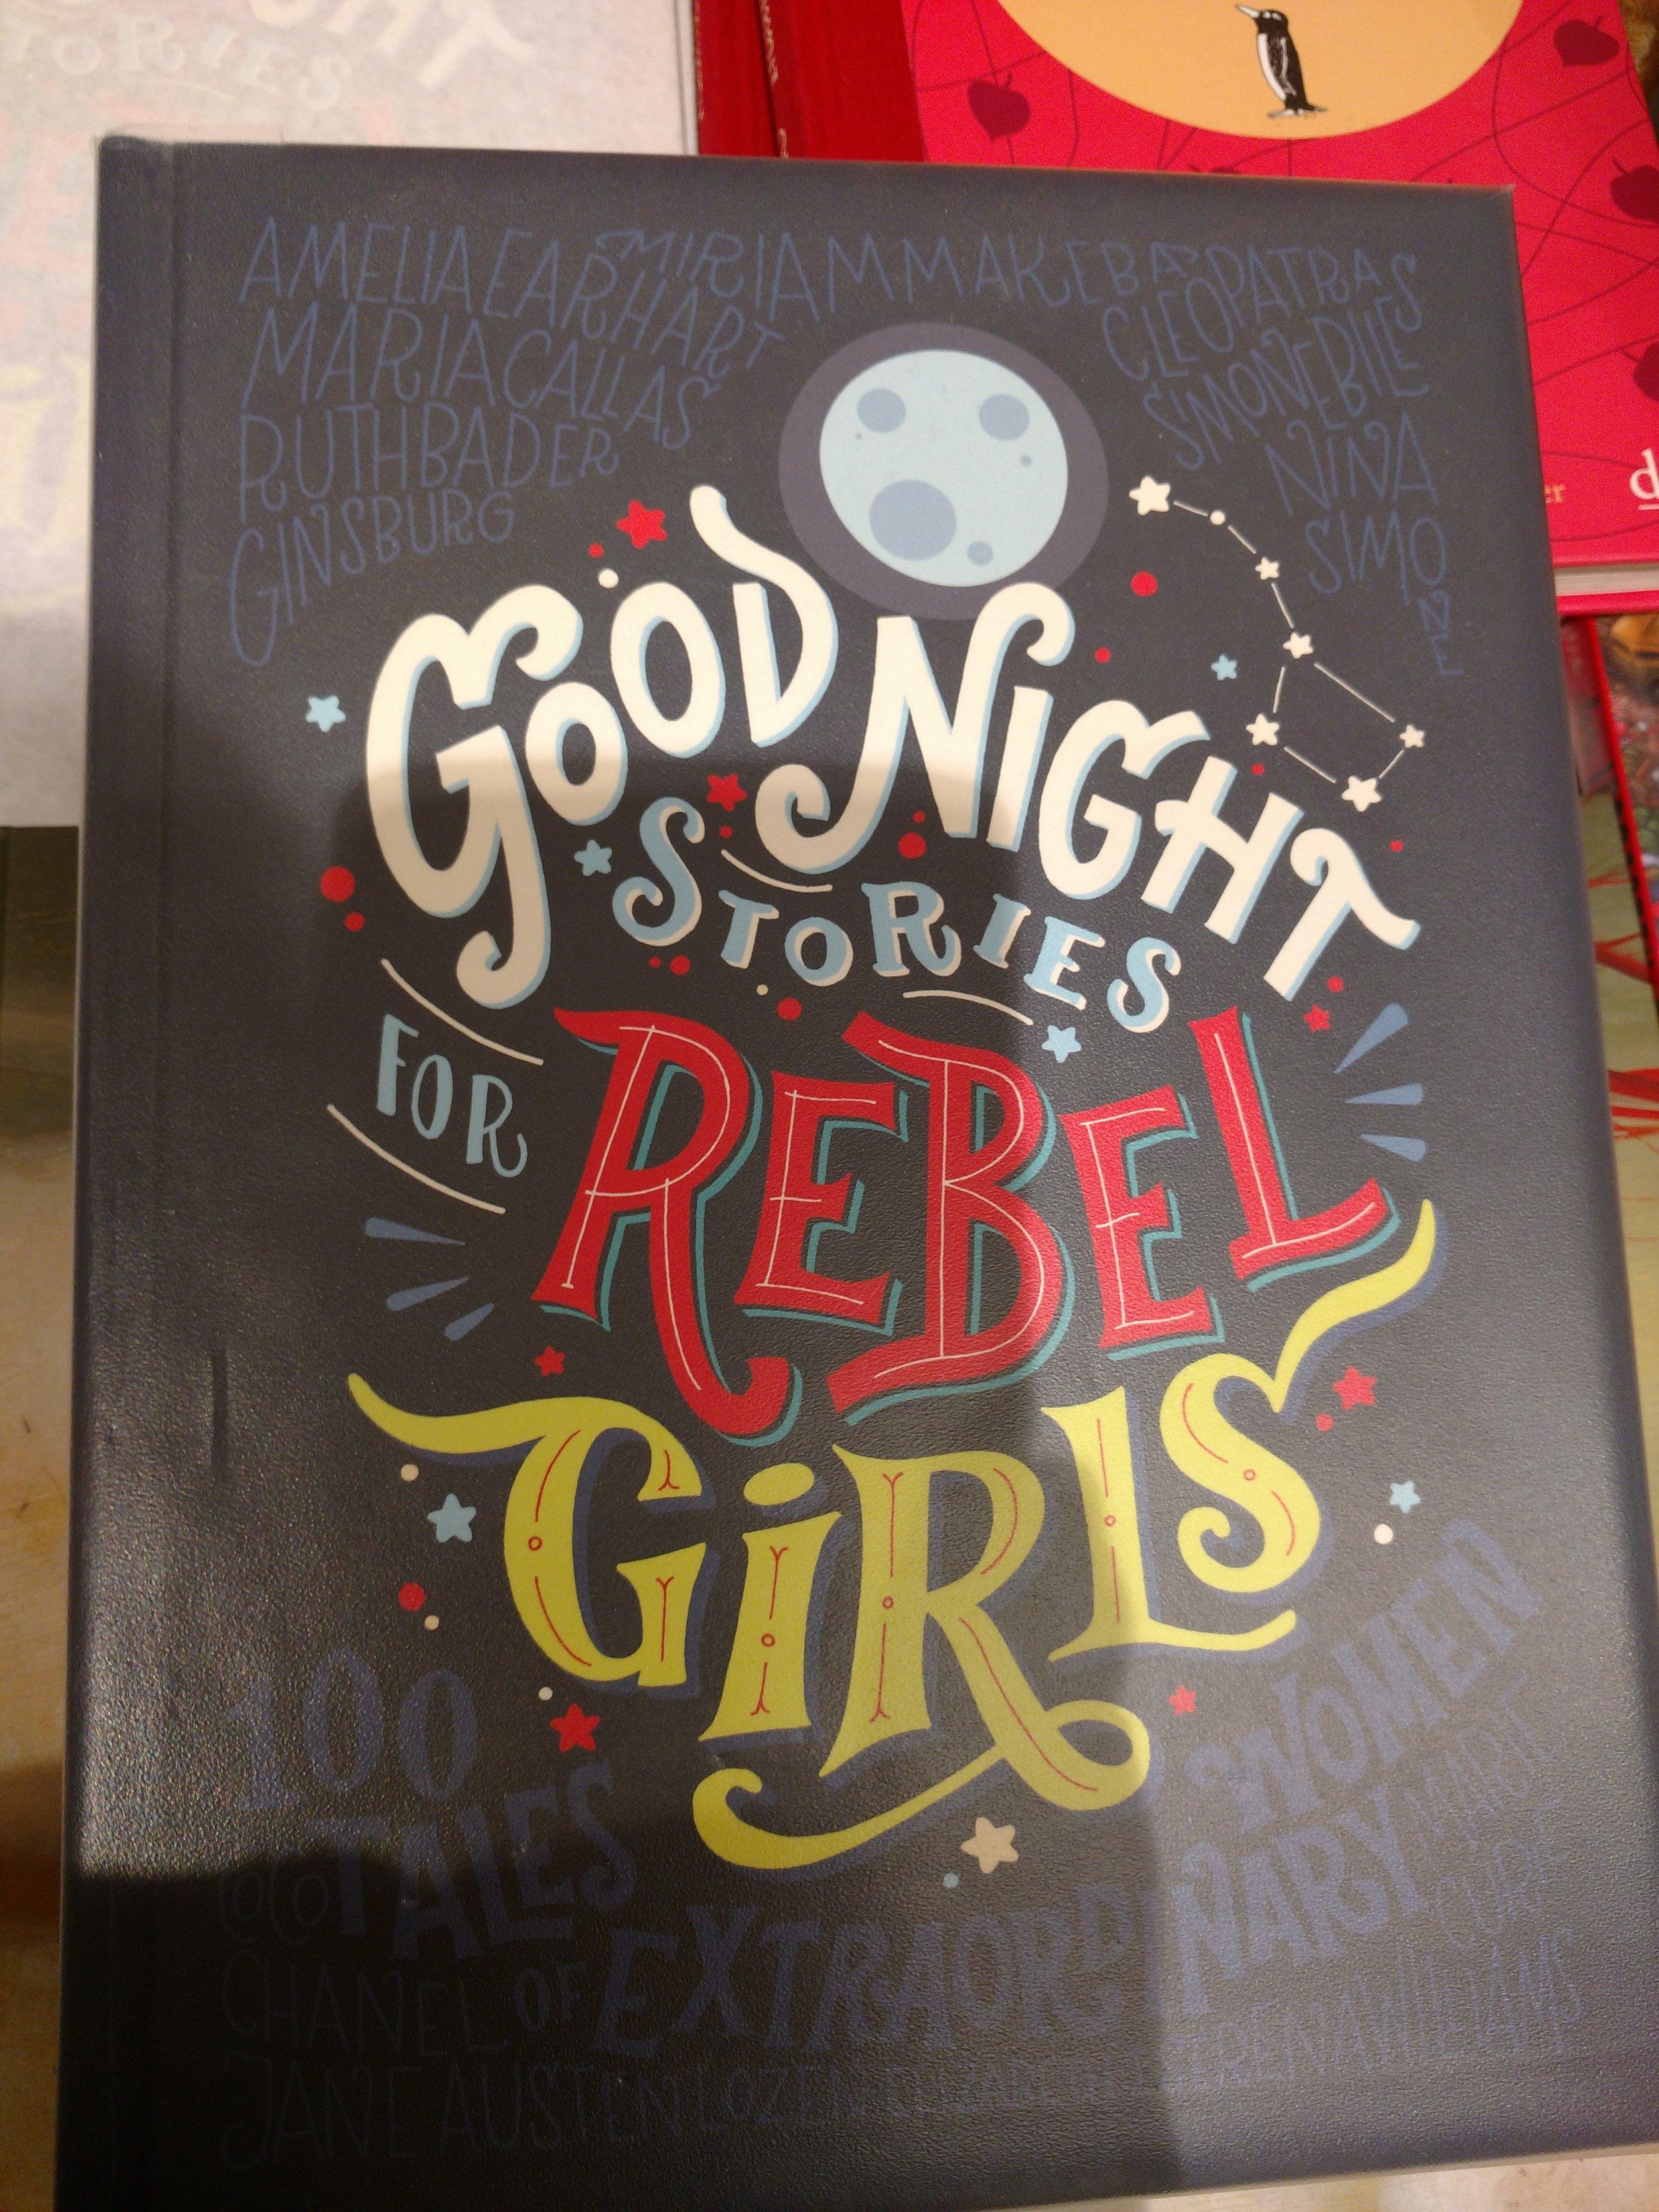 Good night stories for rebel girls : Kurze Bios von starken Frauen* für coole Kids!